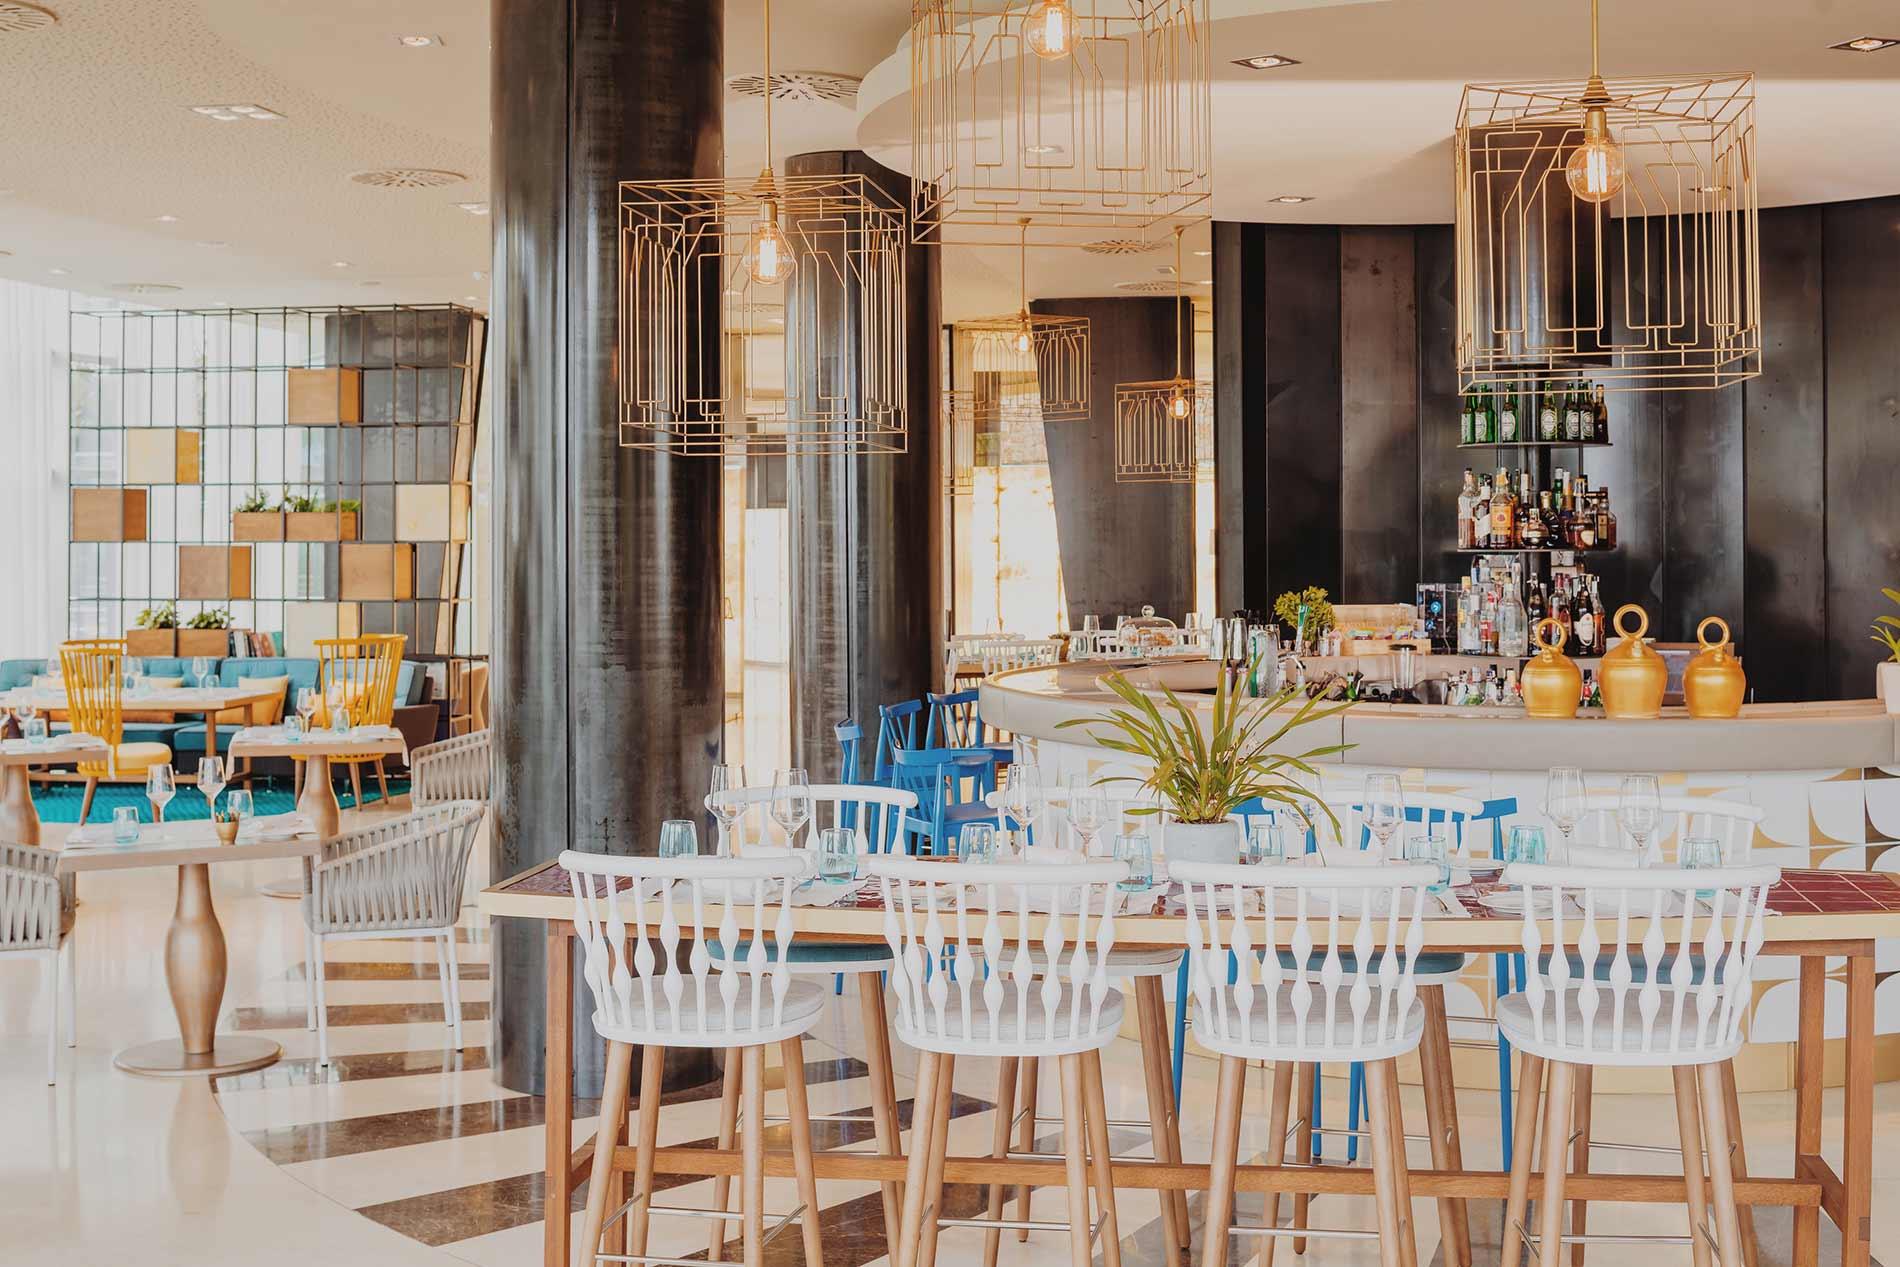 aguasdeibiza-restaurantes-031-w